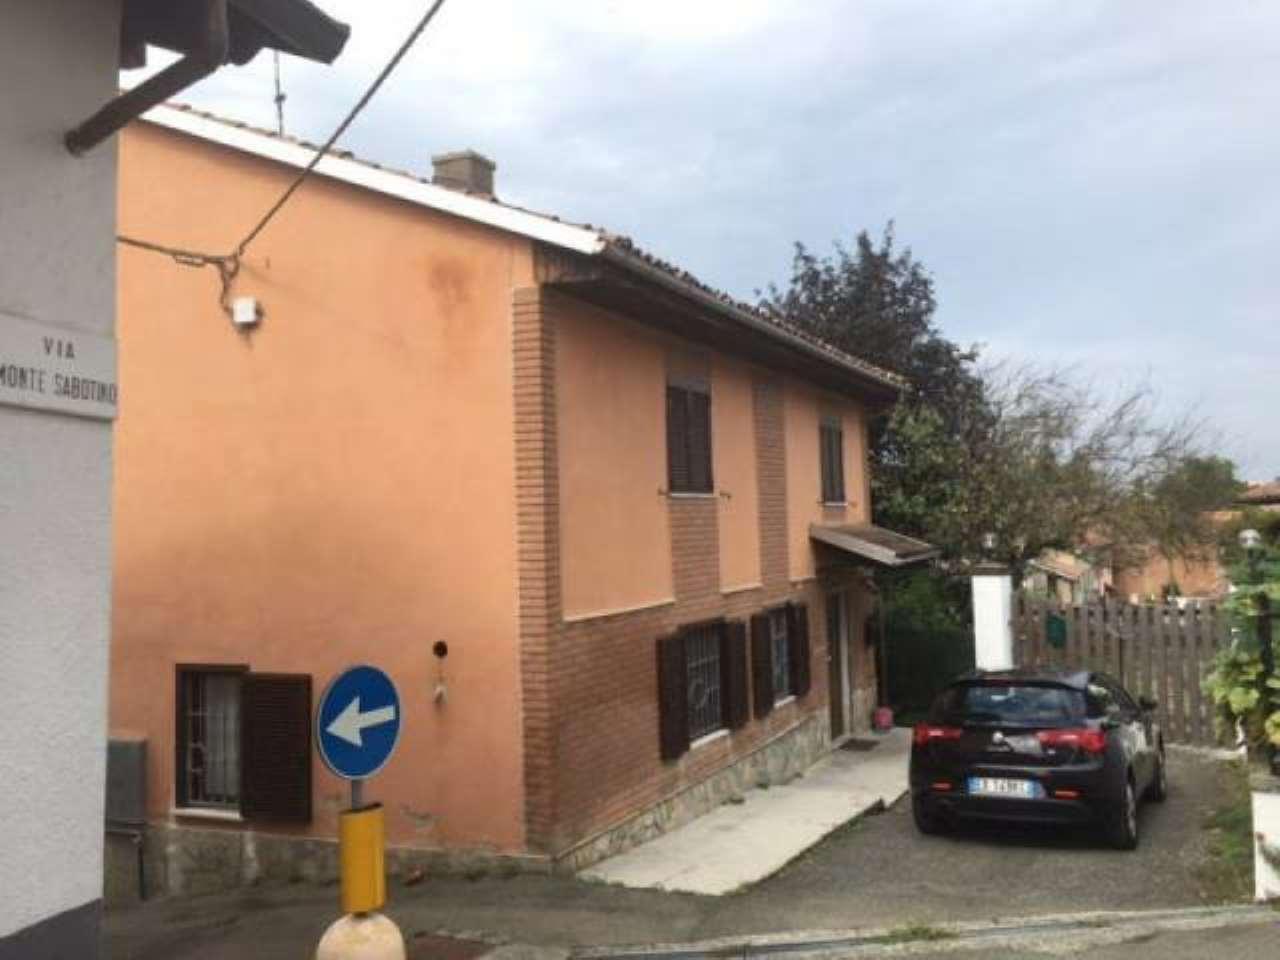 Soluzione Indipendente in vendita a Oviglio, 5 locali, prezzo € 95.000 | CambioCasa.it